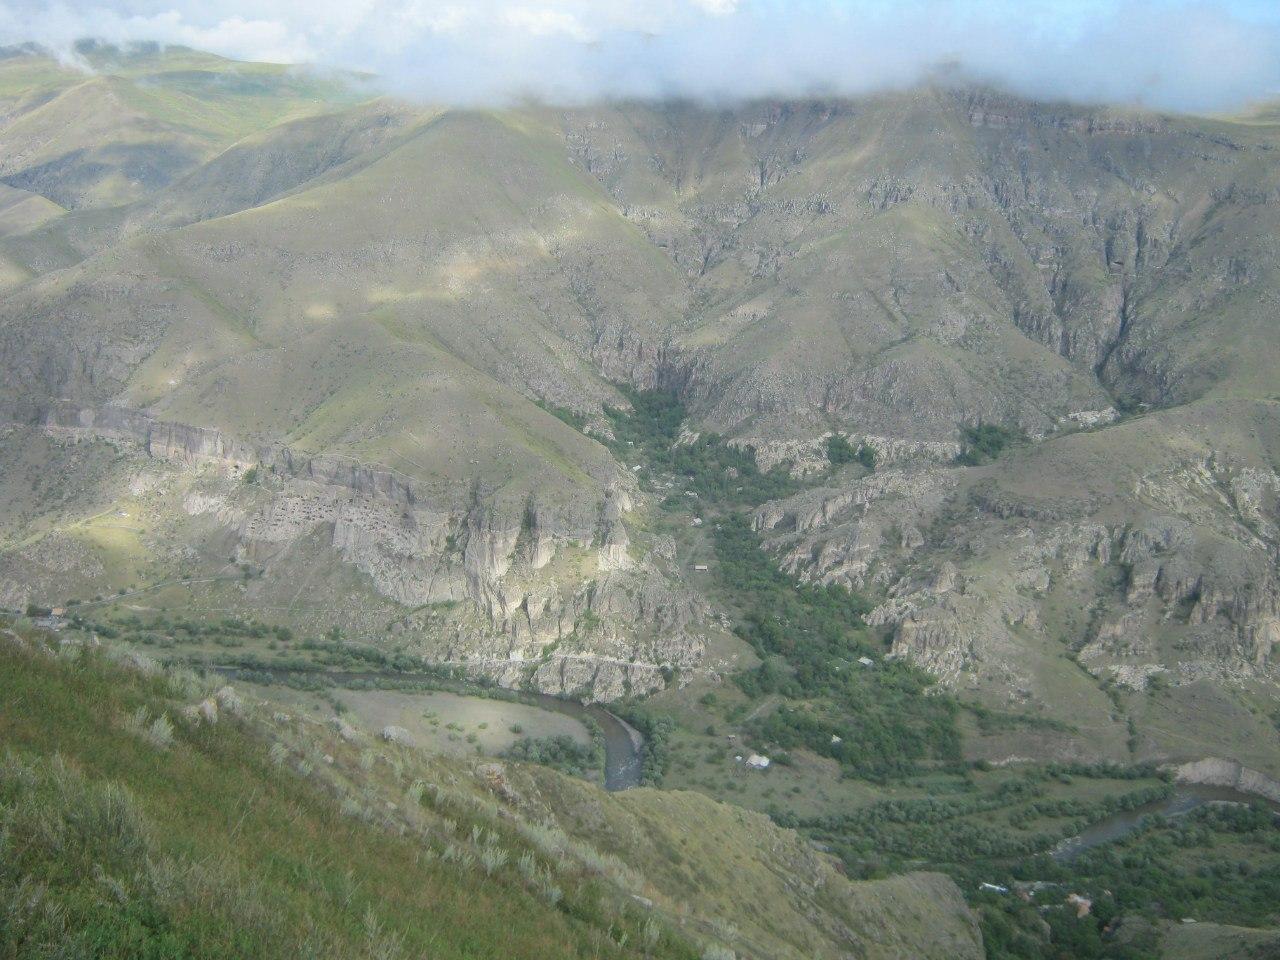 над каньоном реки Мтквари (Кура)